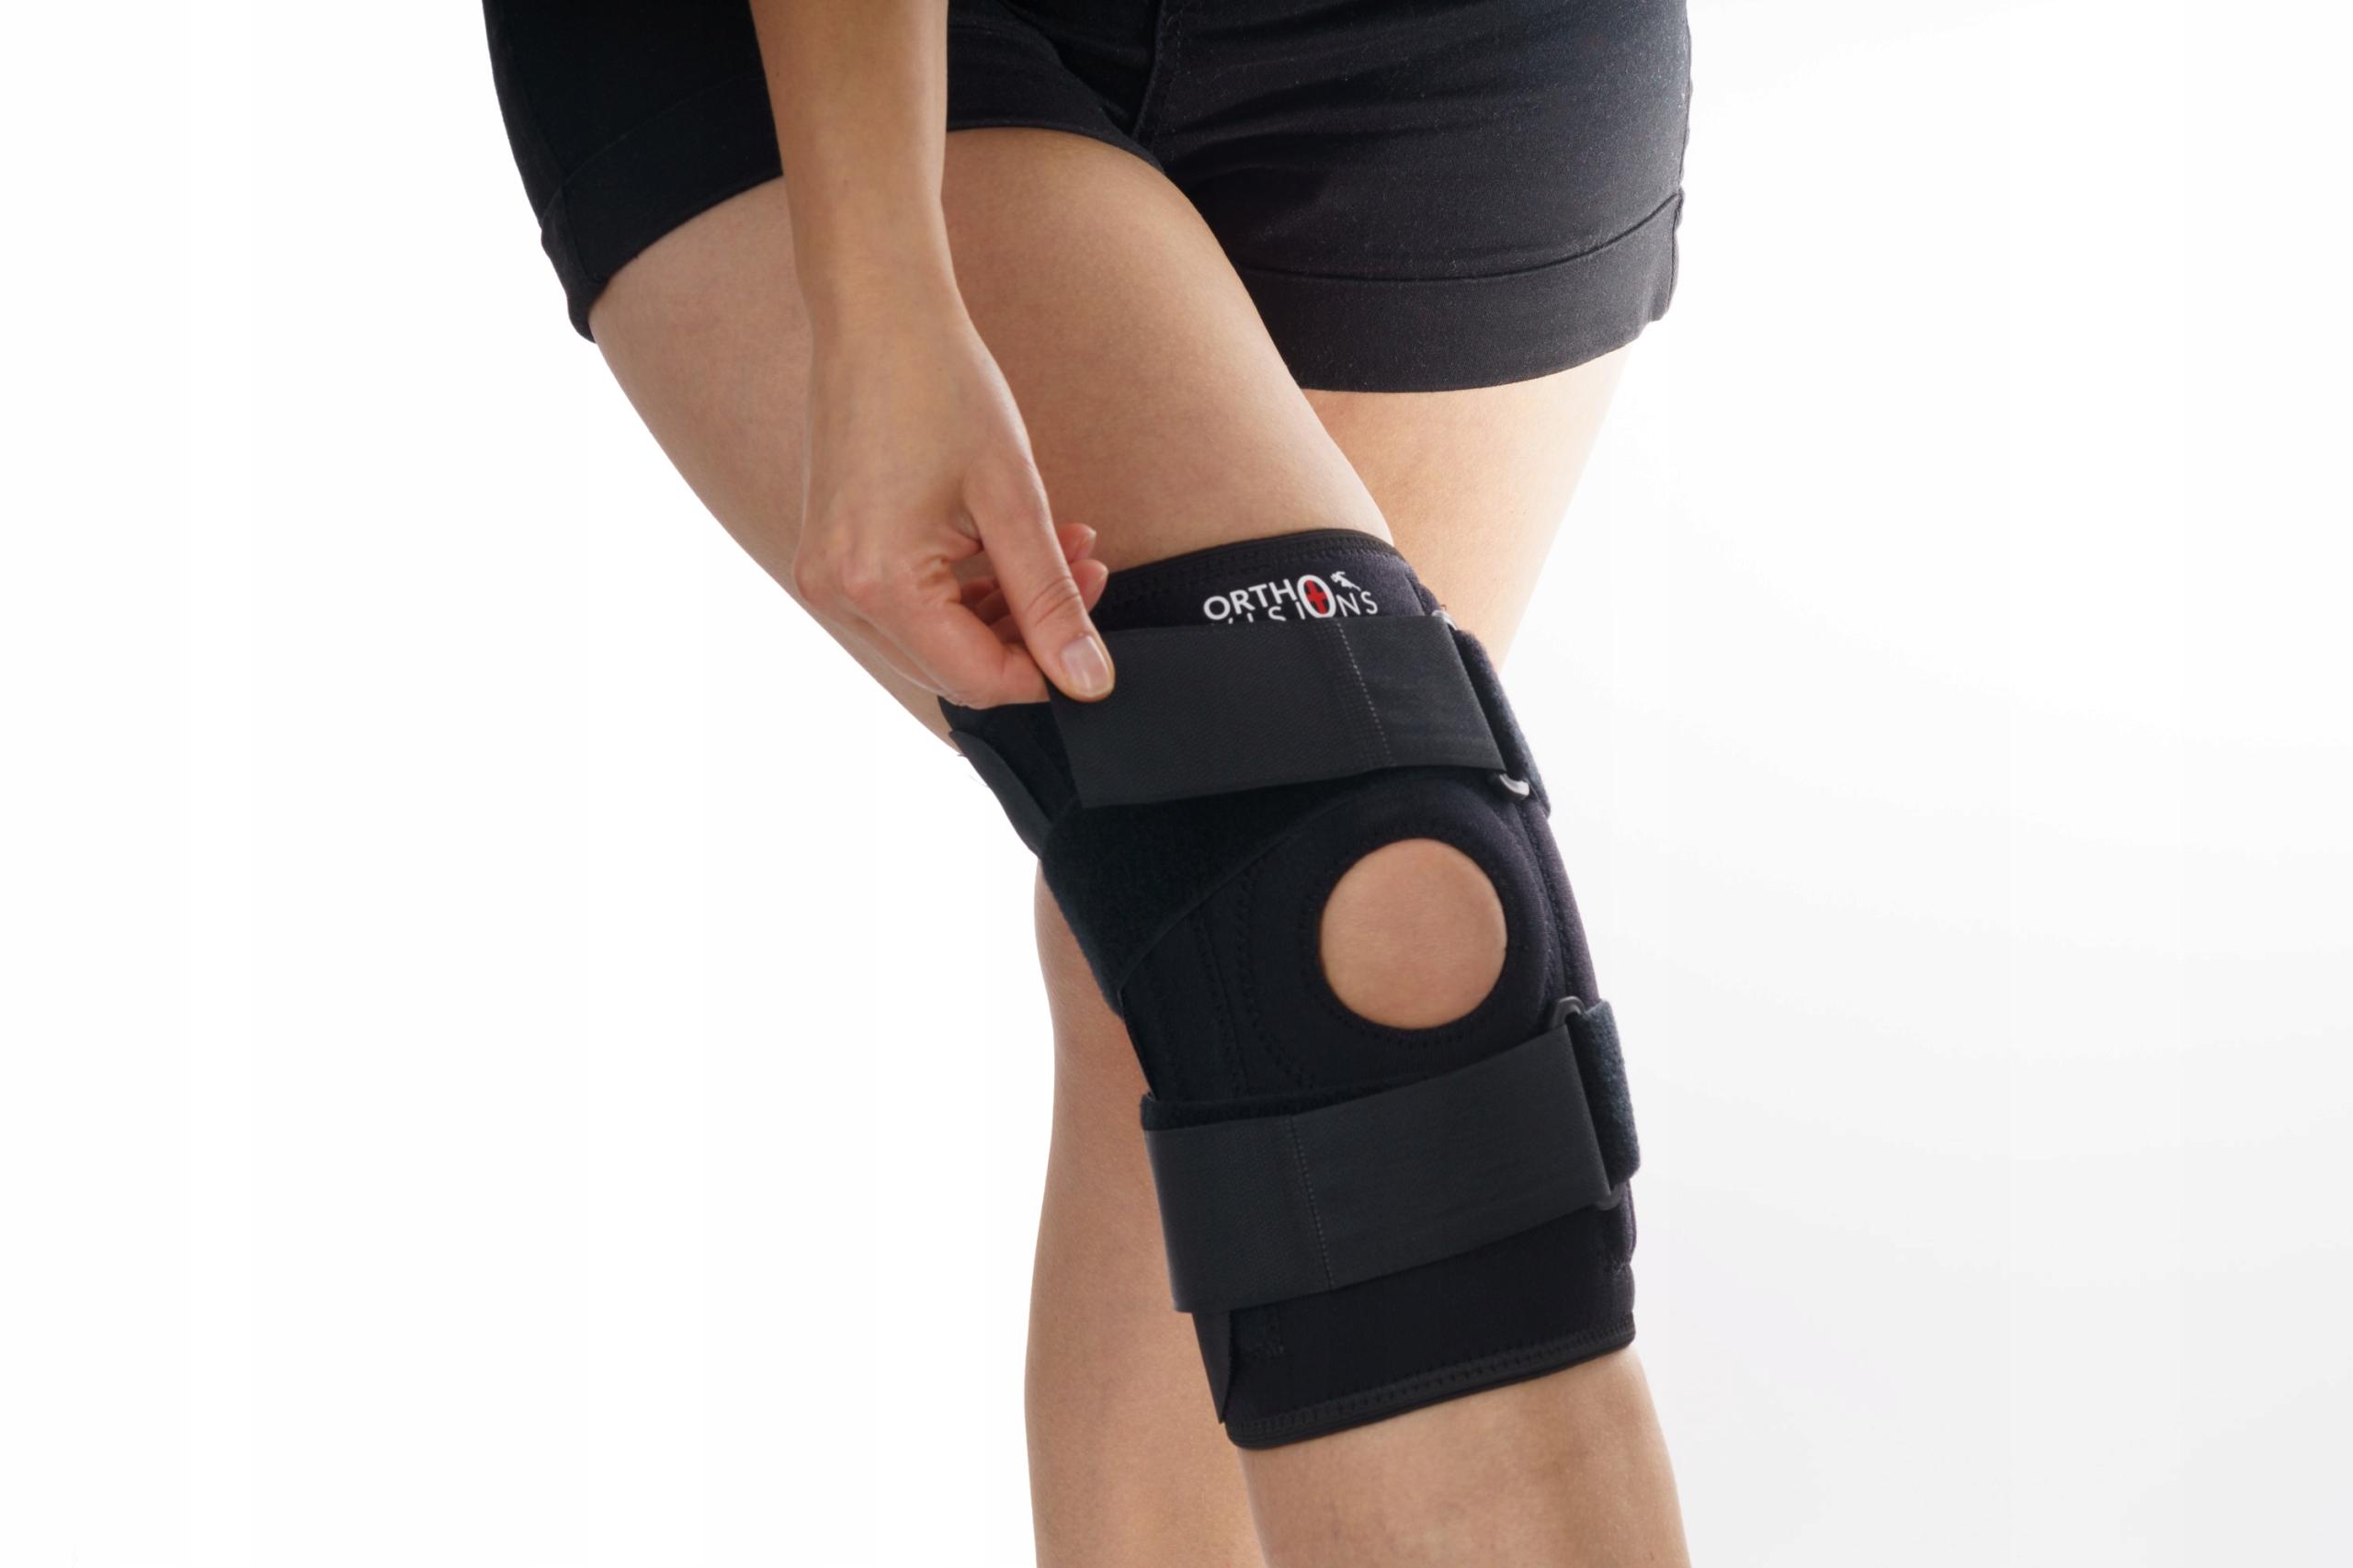 STABILIZÁTOR KOLENNÍ ORTÓZY S PÁSEM Spodní prádlo x4 Typ kolenní ortéza